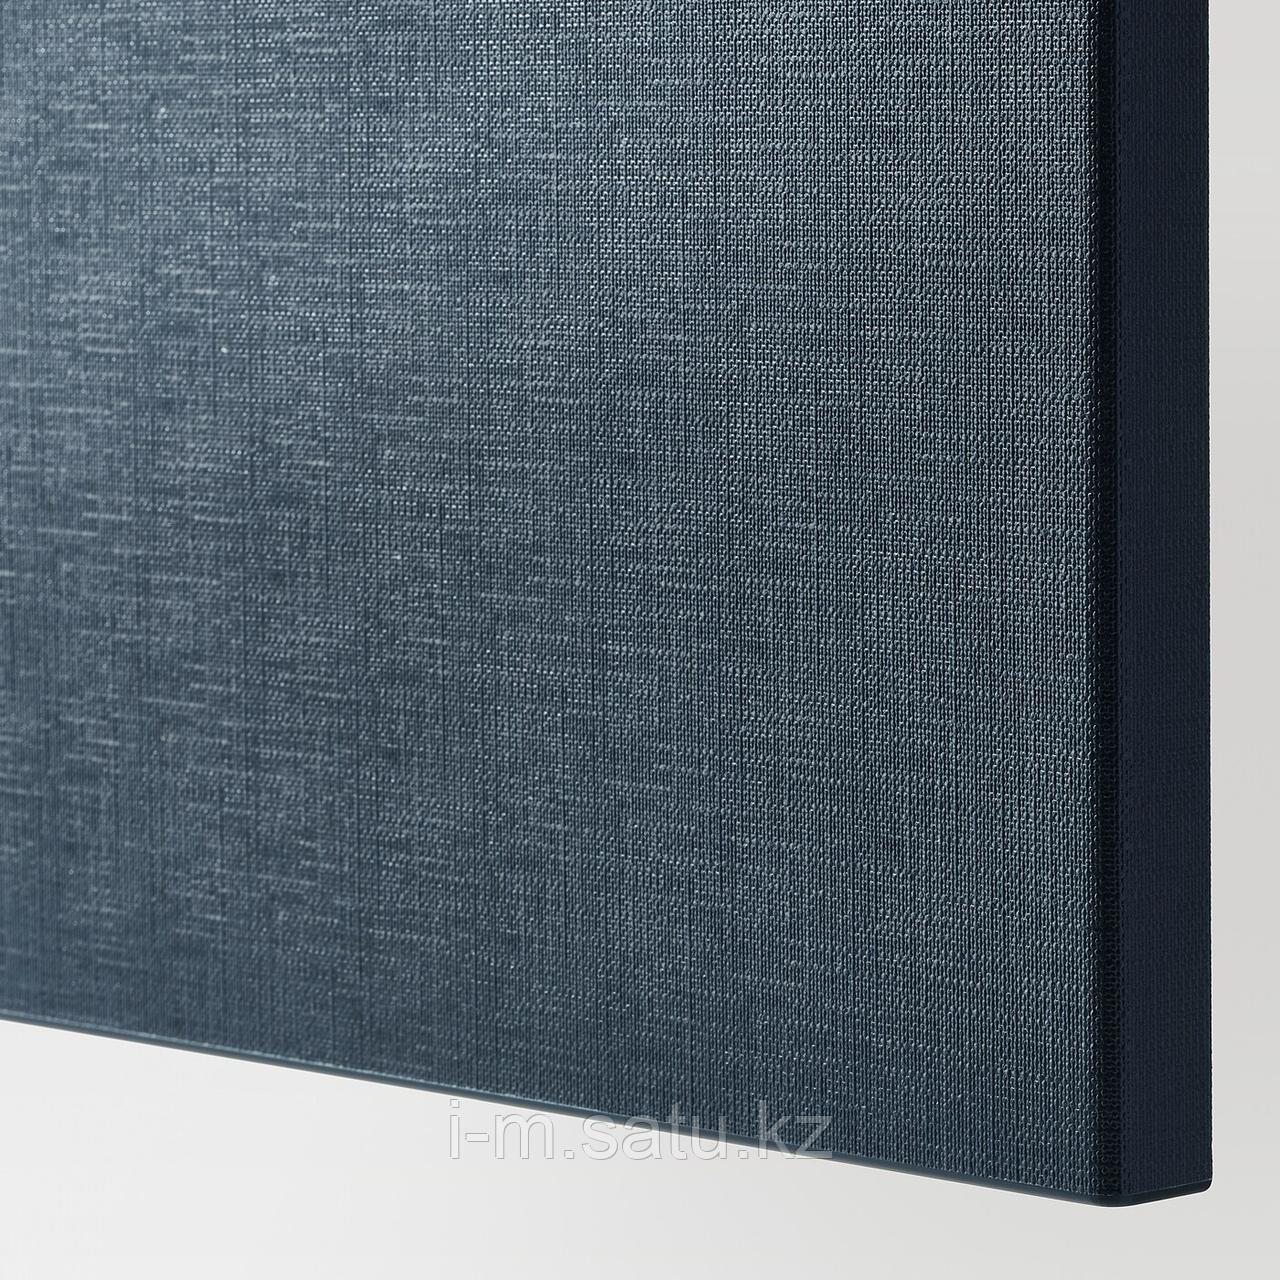 НОТВИКЕН Фронтальная панель ящика, синий, 60x26 см